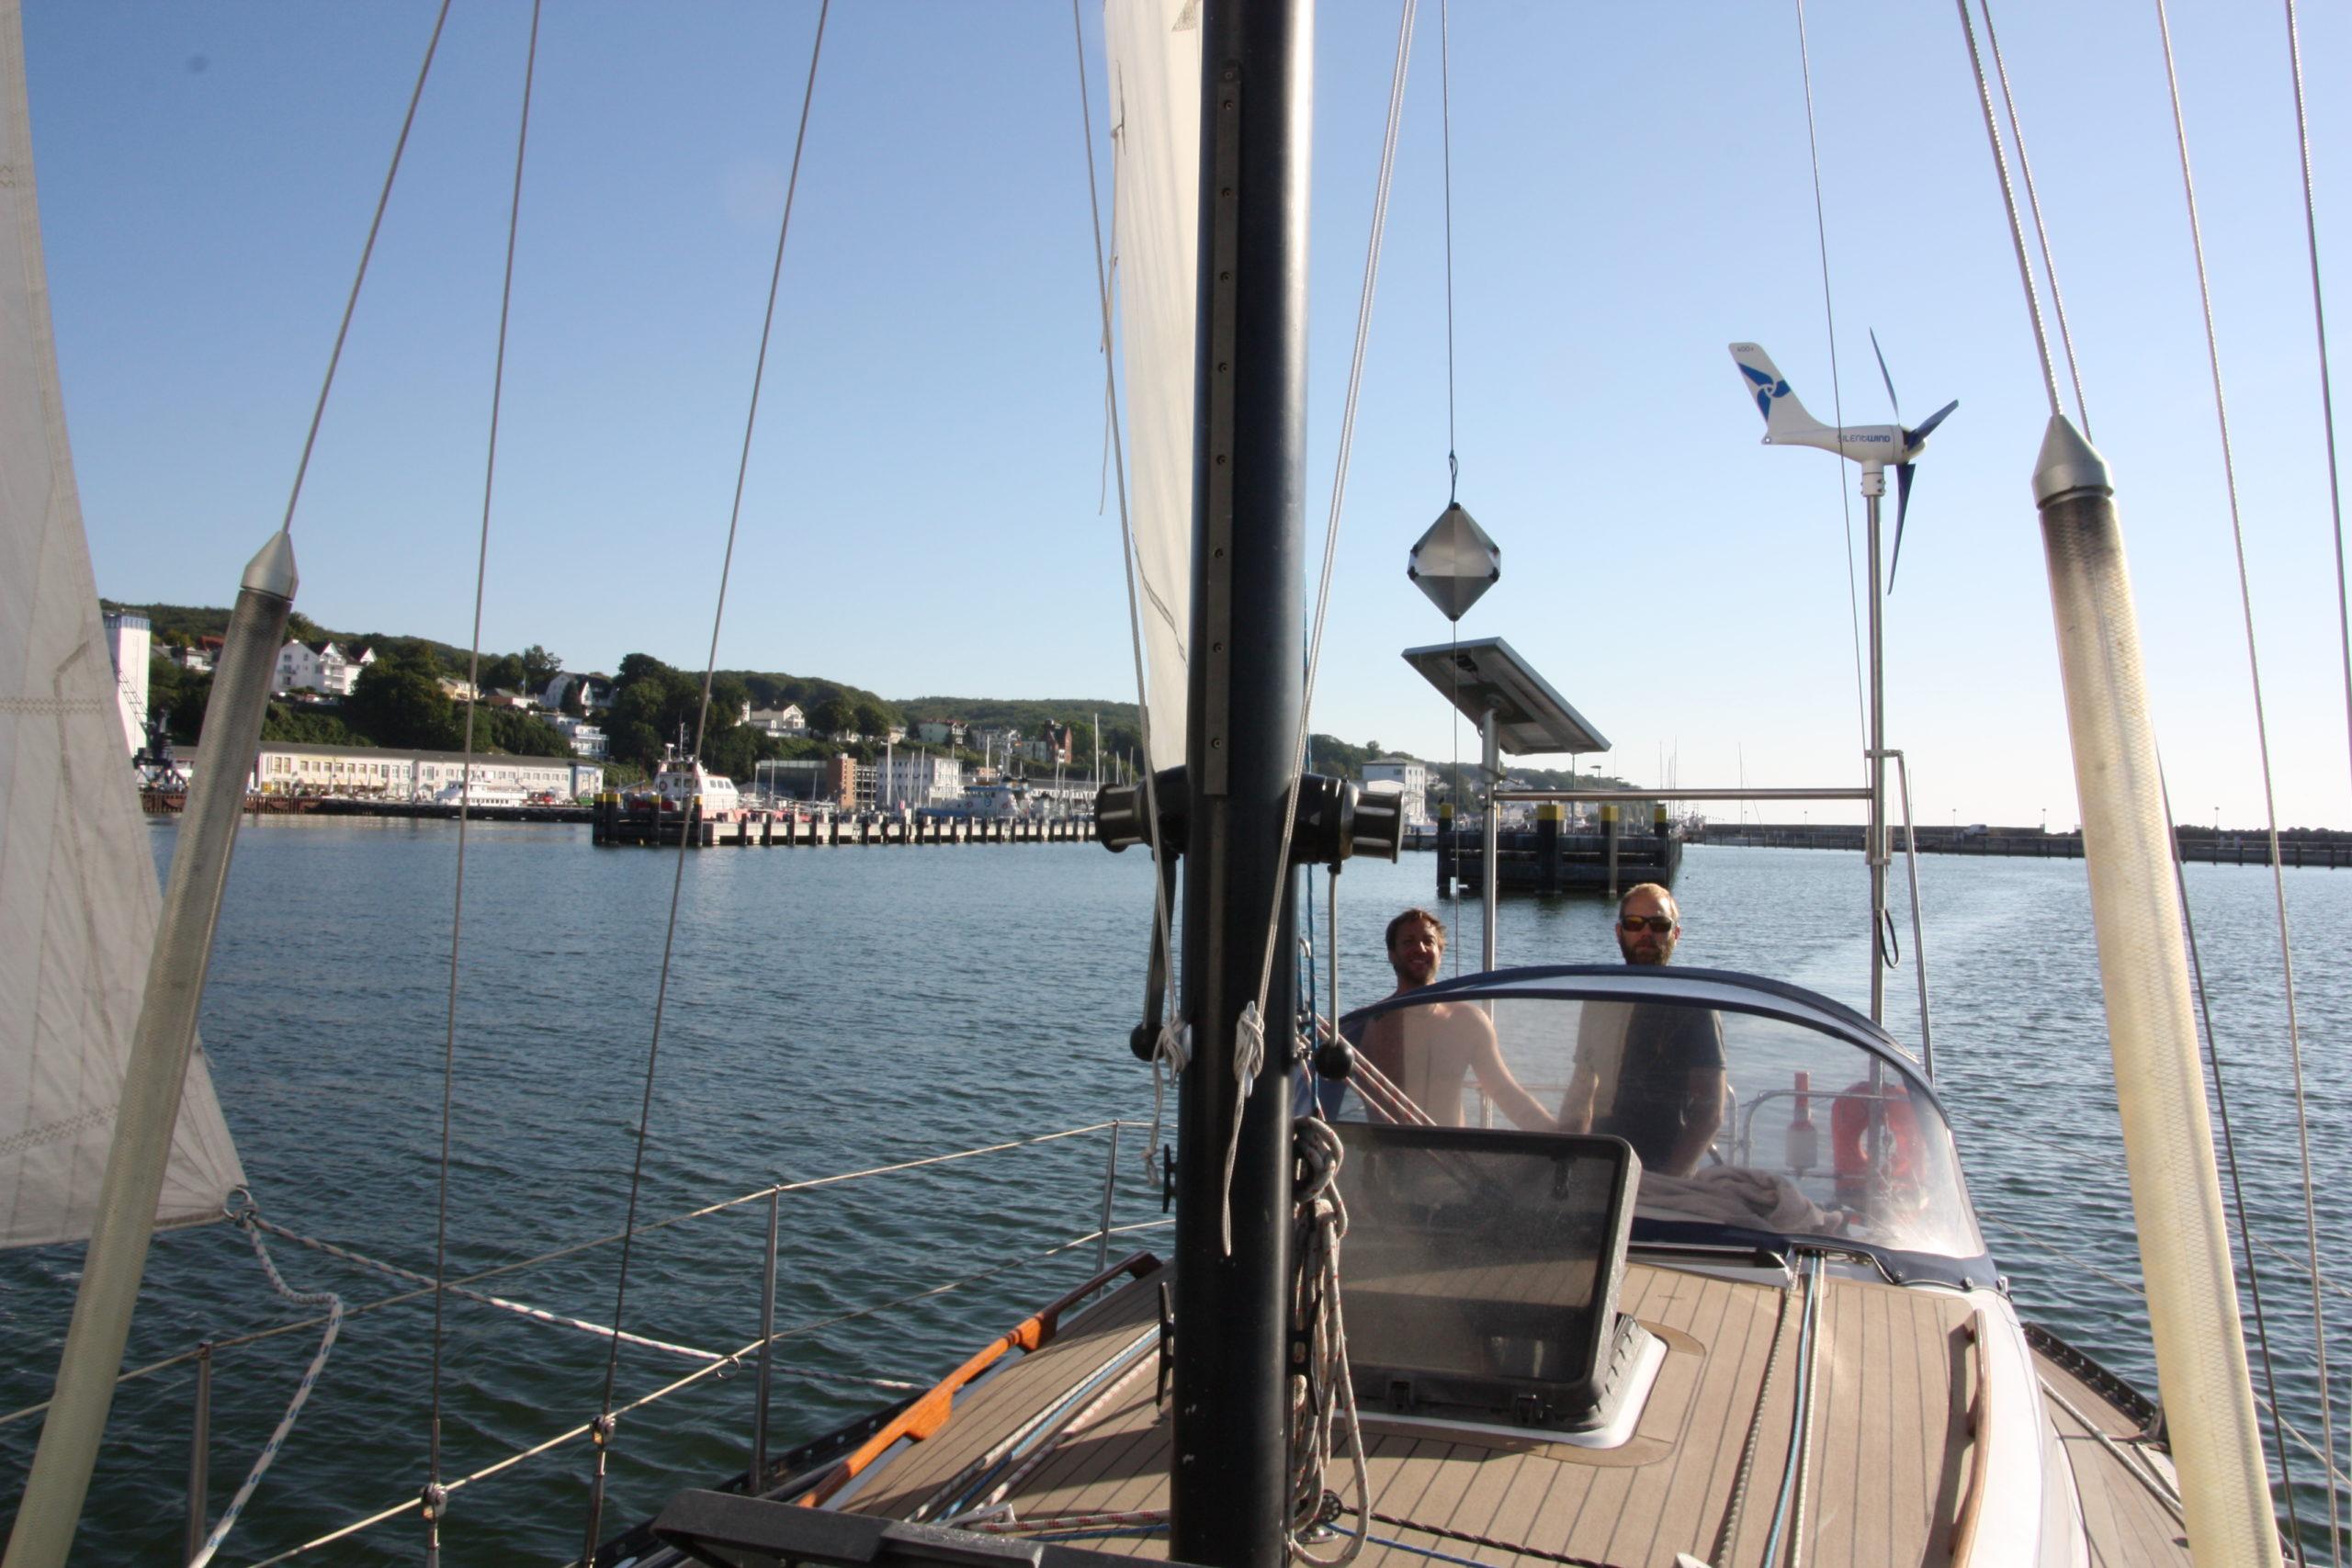 Unter Segeln verlassen wir den Hafen Sassnitz